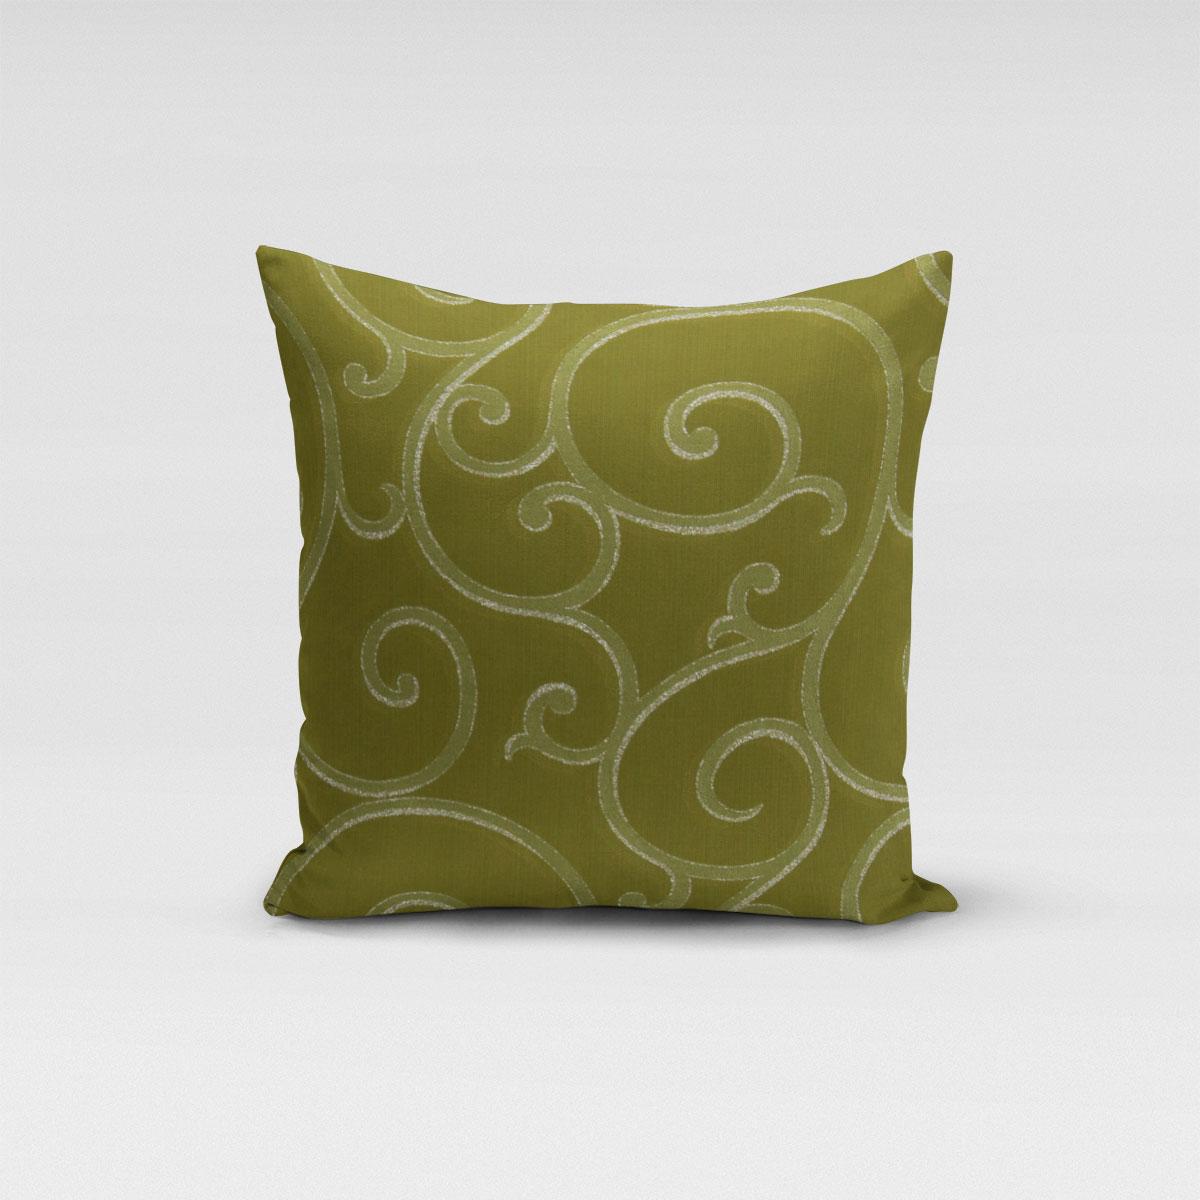 SCHÖNER LEBEN. Kissenhülle Ornamente Schnörkel Lurex grün silberfarbig verschiedene Größen